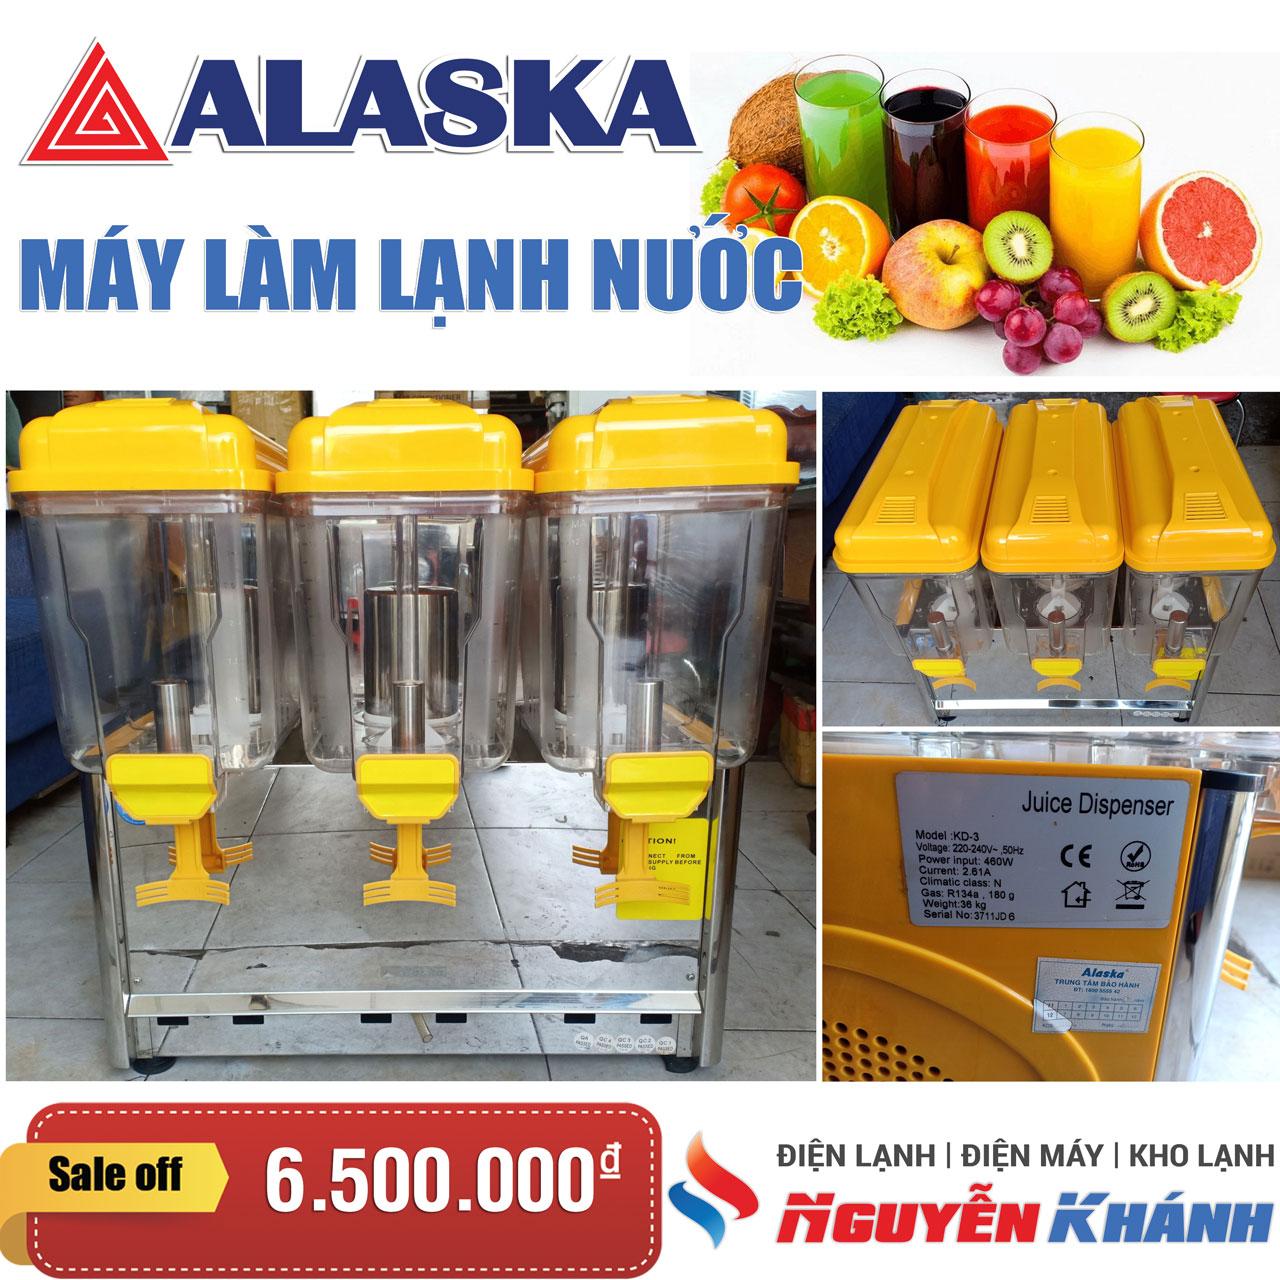 Máy làm lạnh nước trái cây 3 ngăn Alaska